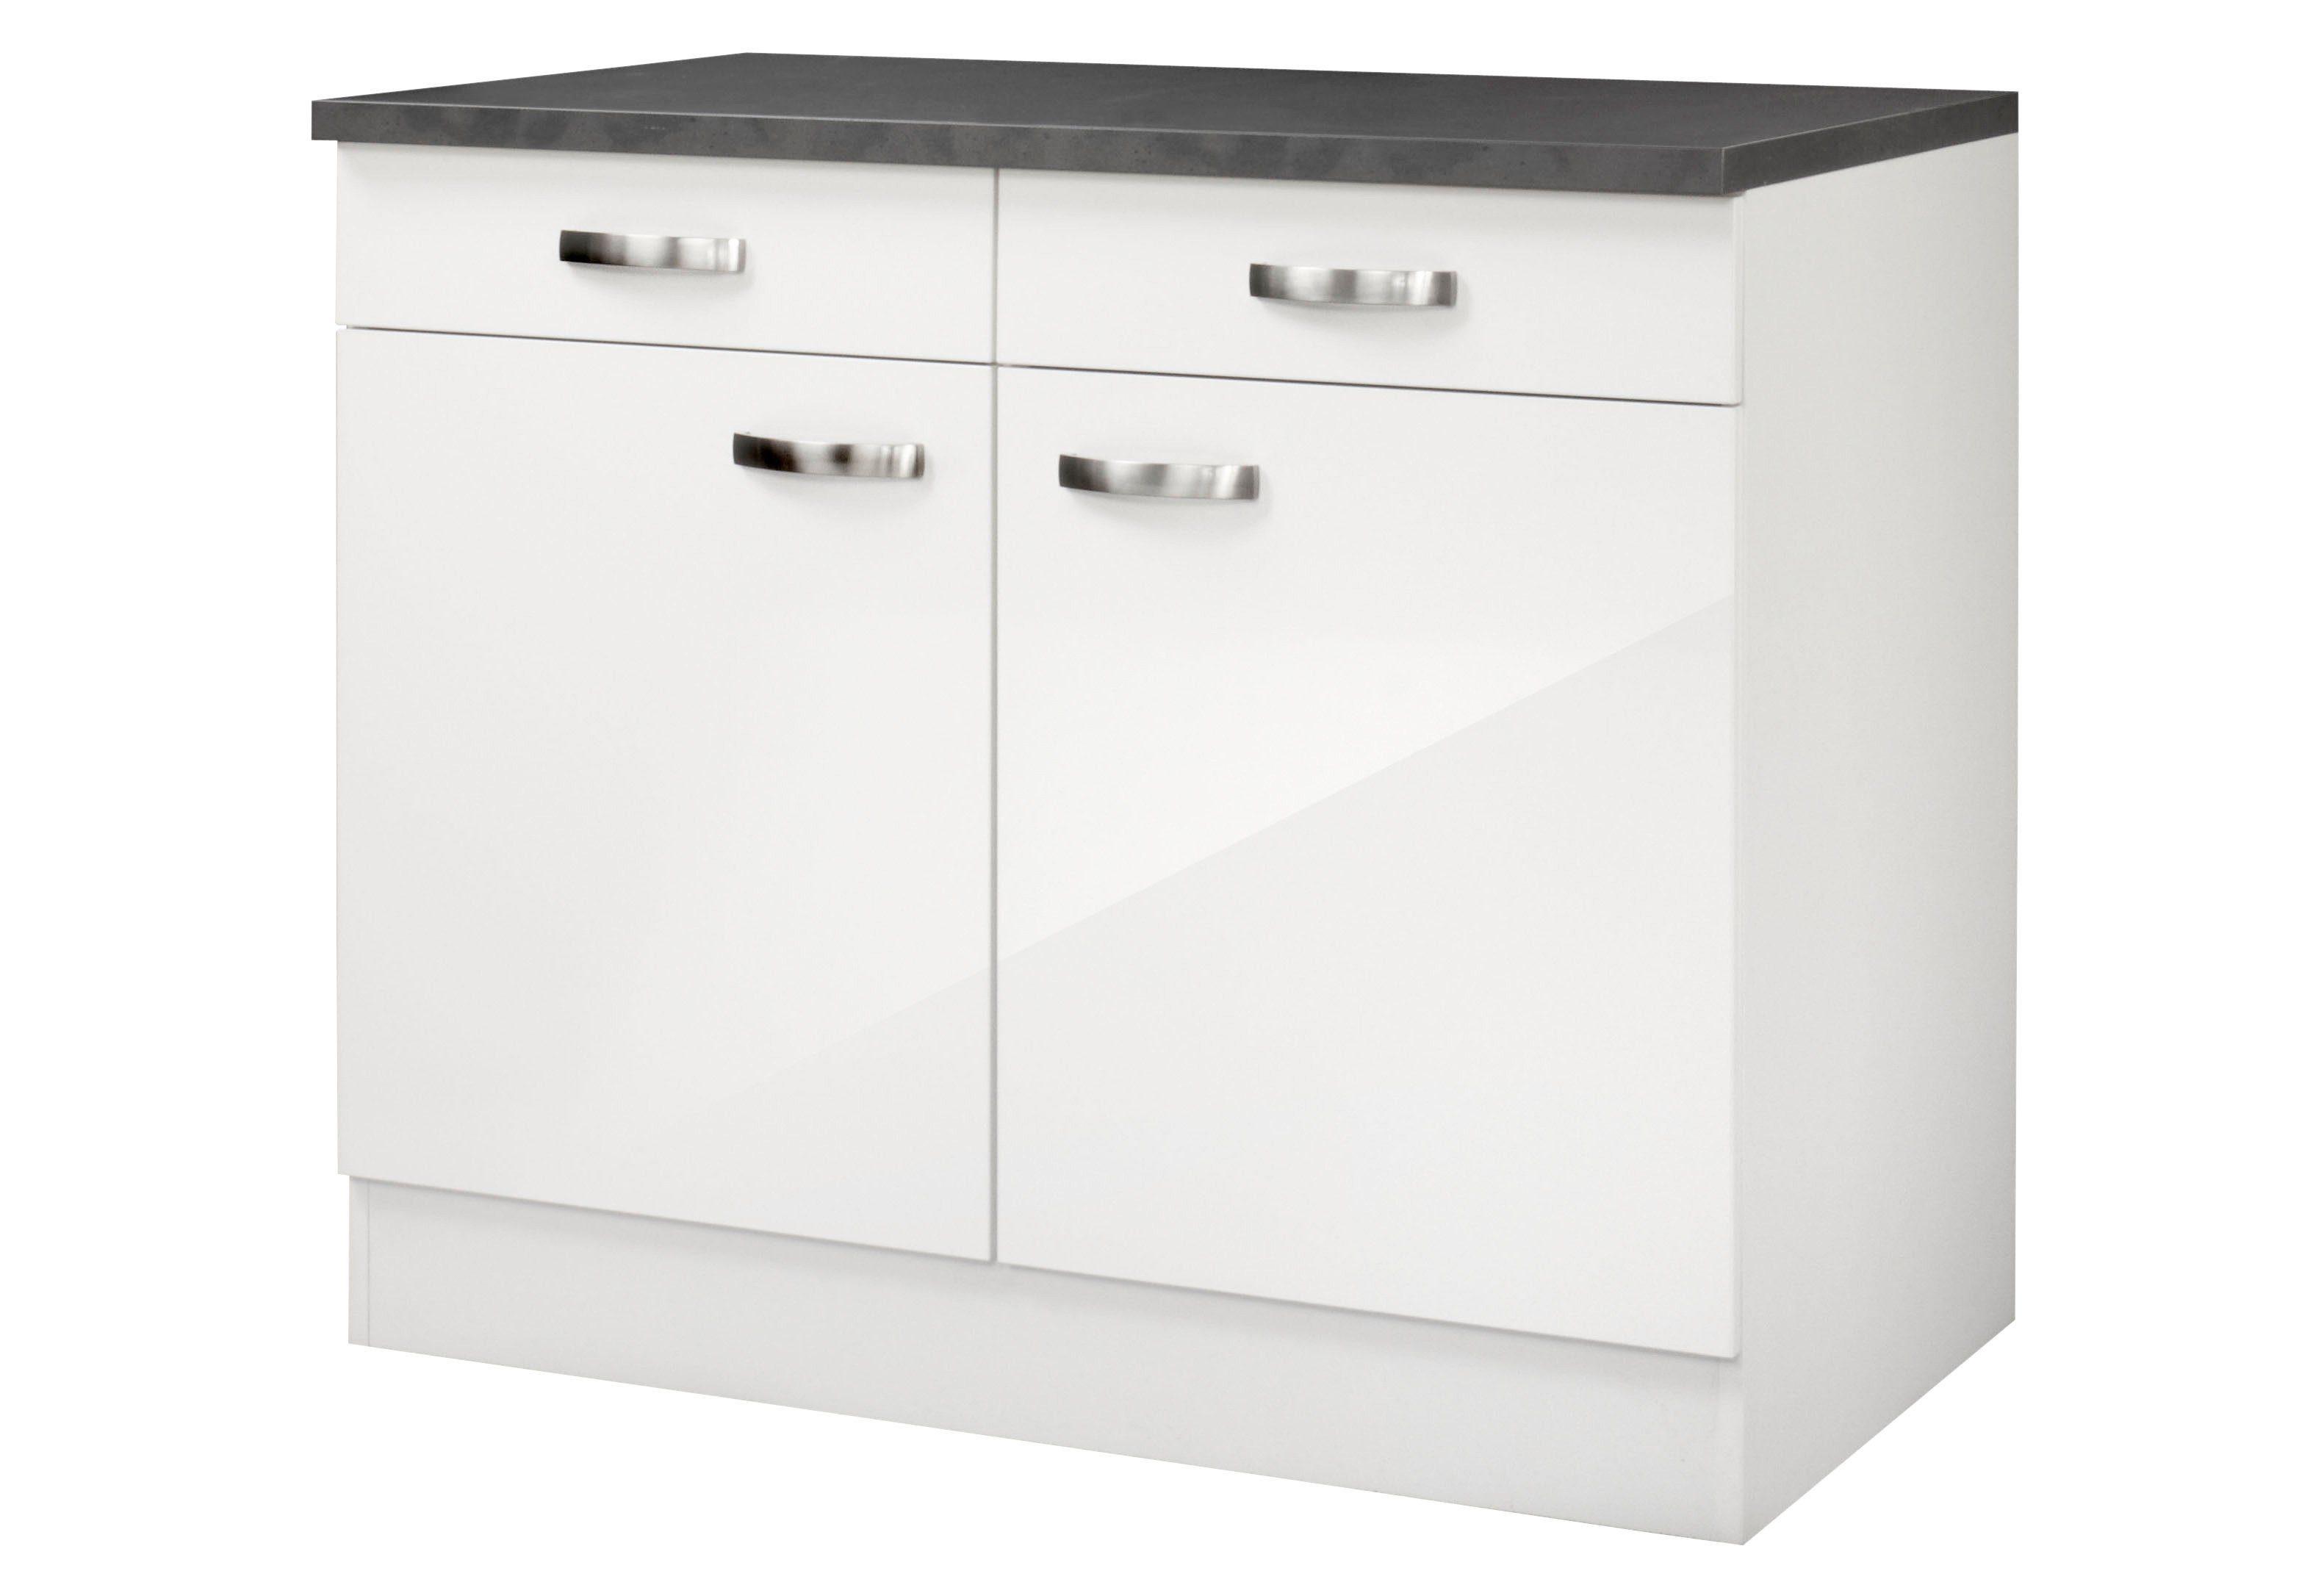 Optifit Küchenunterschrank »Lagos«, Breite 100 cm